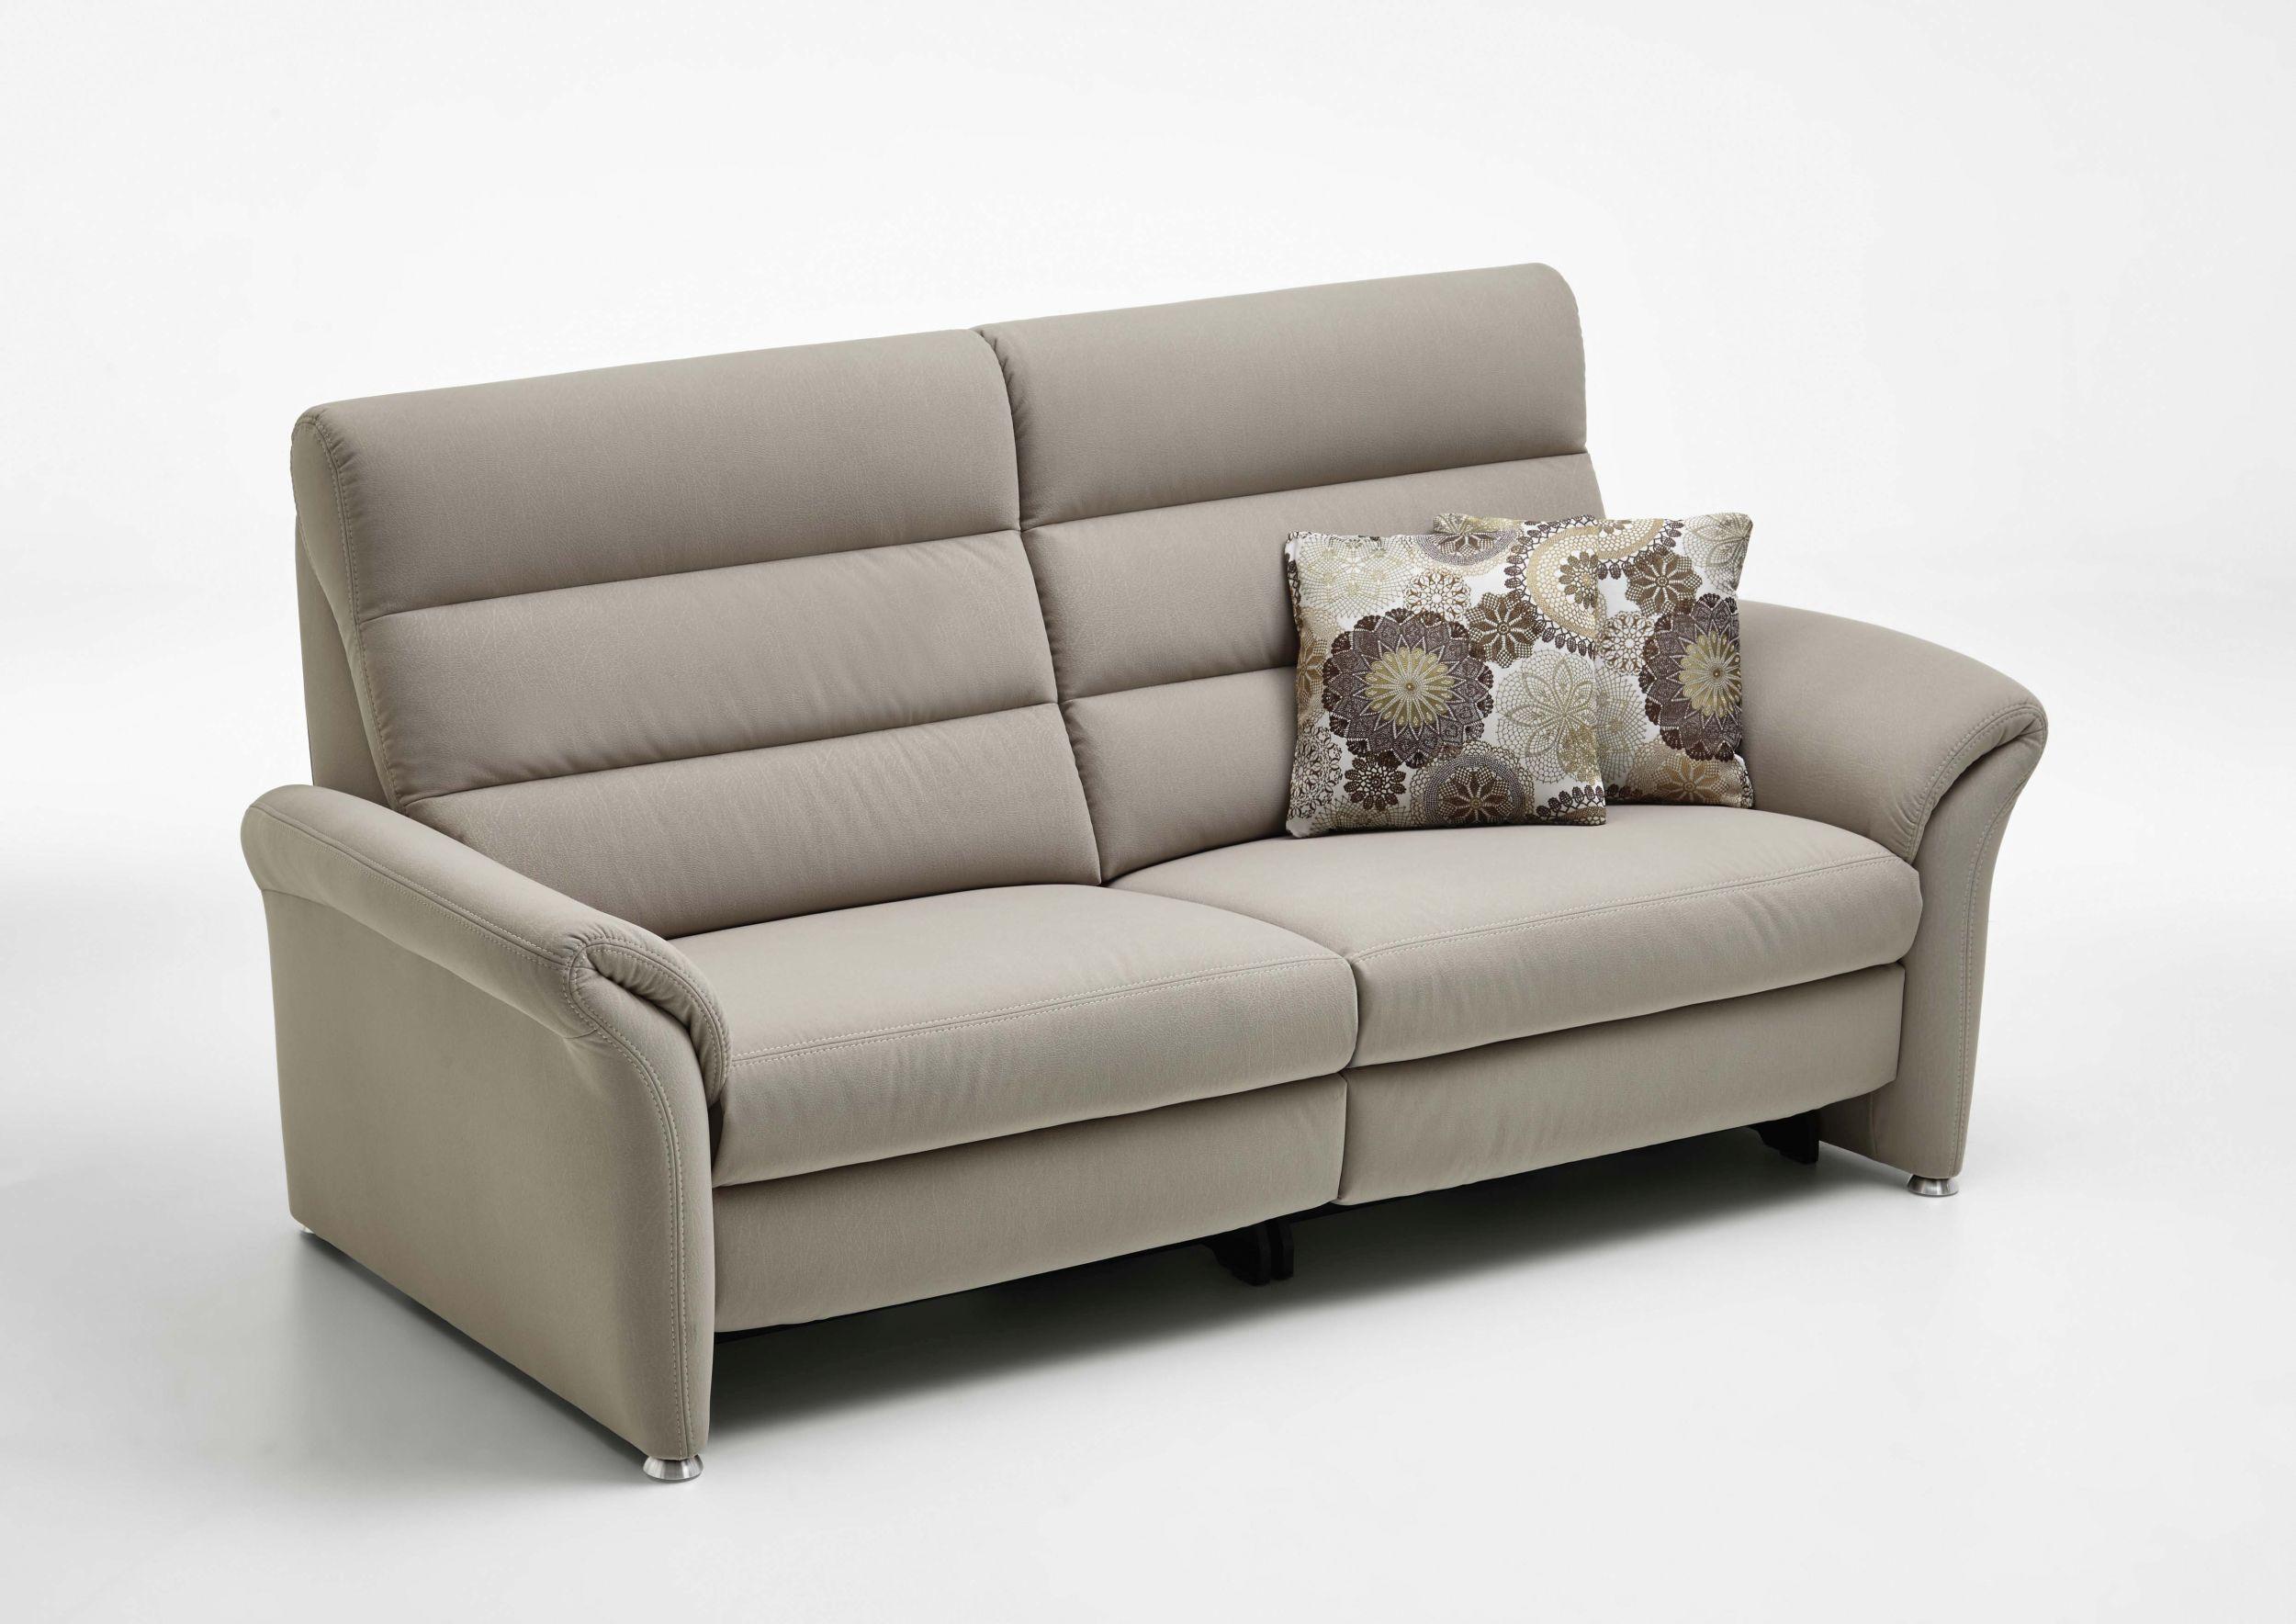 Full Size of 3 Sitzer Sofa Ikea Nockeby Leder Ektorp Und 2 Sessel Bei Roller Mit Schlaffunktion Rot Poco Bettfunktion Couch Relaxfunktion Klippan Kopfpolsterverstellung Sofa 3 Sitzer Sofa